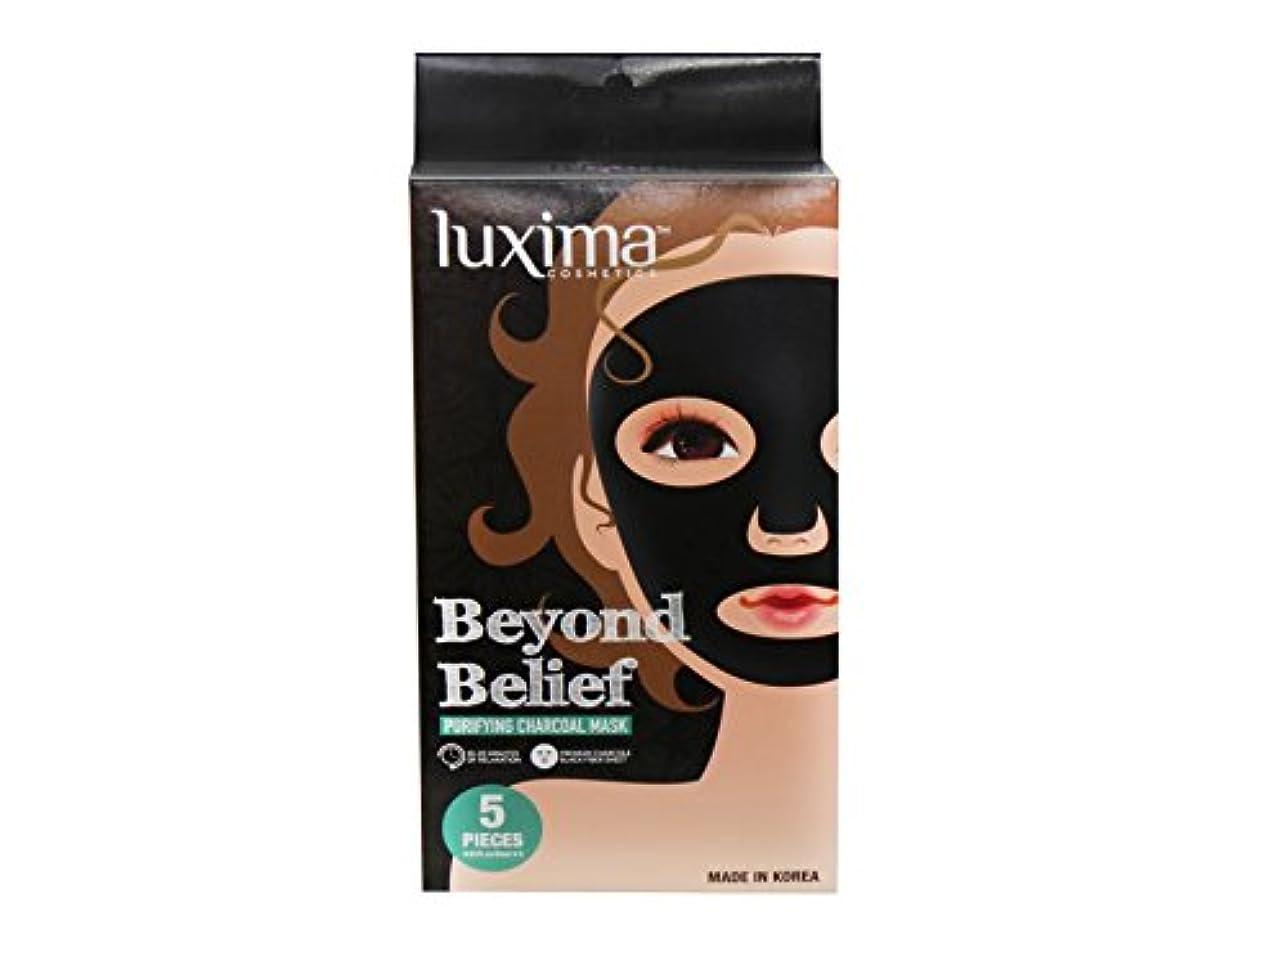 あからさまウォルターカニンガム株式会社LUXIMA Beyond Belief Purifying Charcoal Mask, Pack of 5 (並行輸入品)